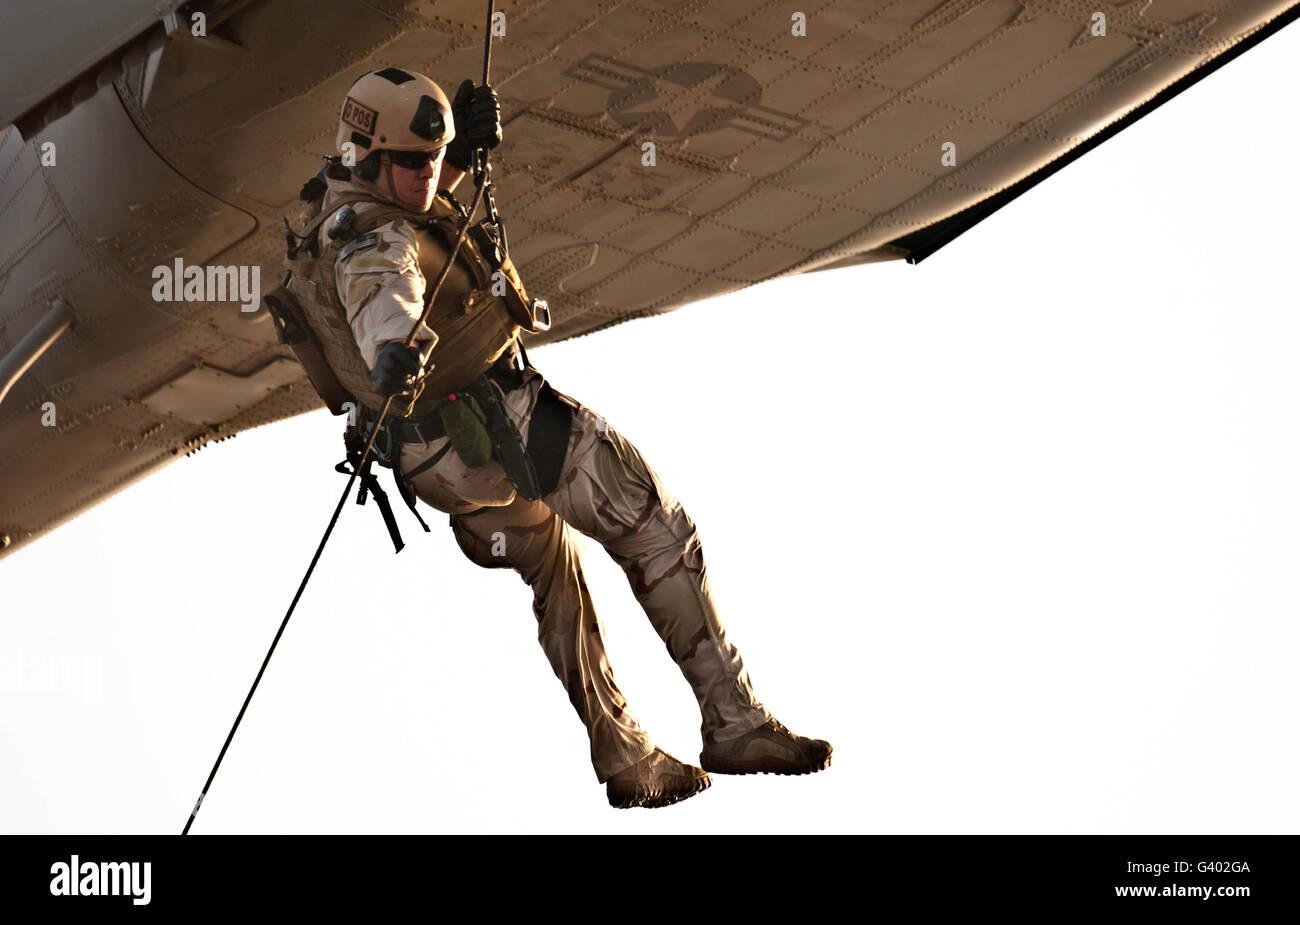 Un soldat rappels d'un hélicoptère MH-60S Knighthawk. Banque D'Images